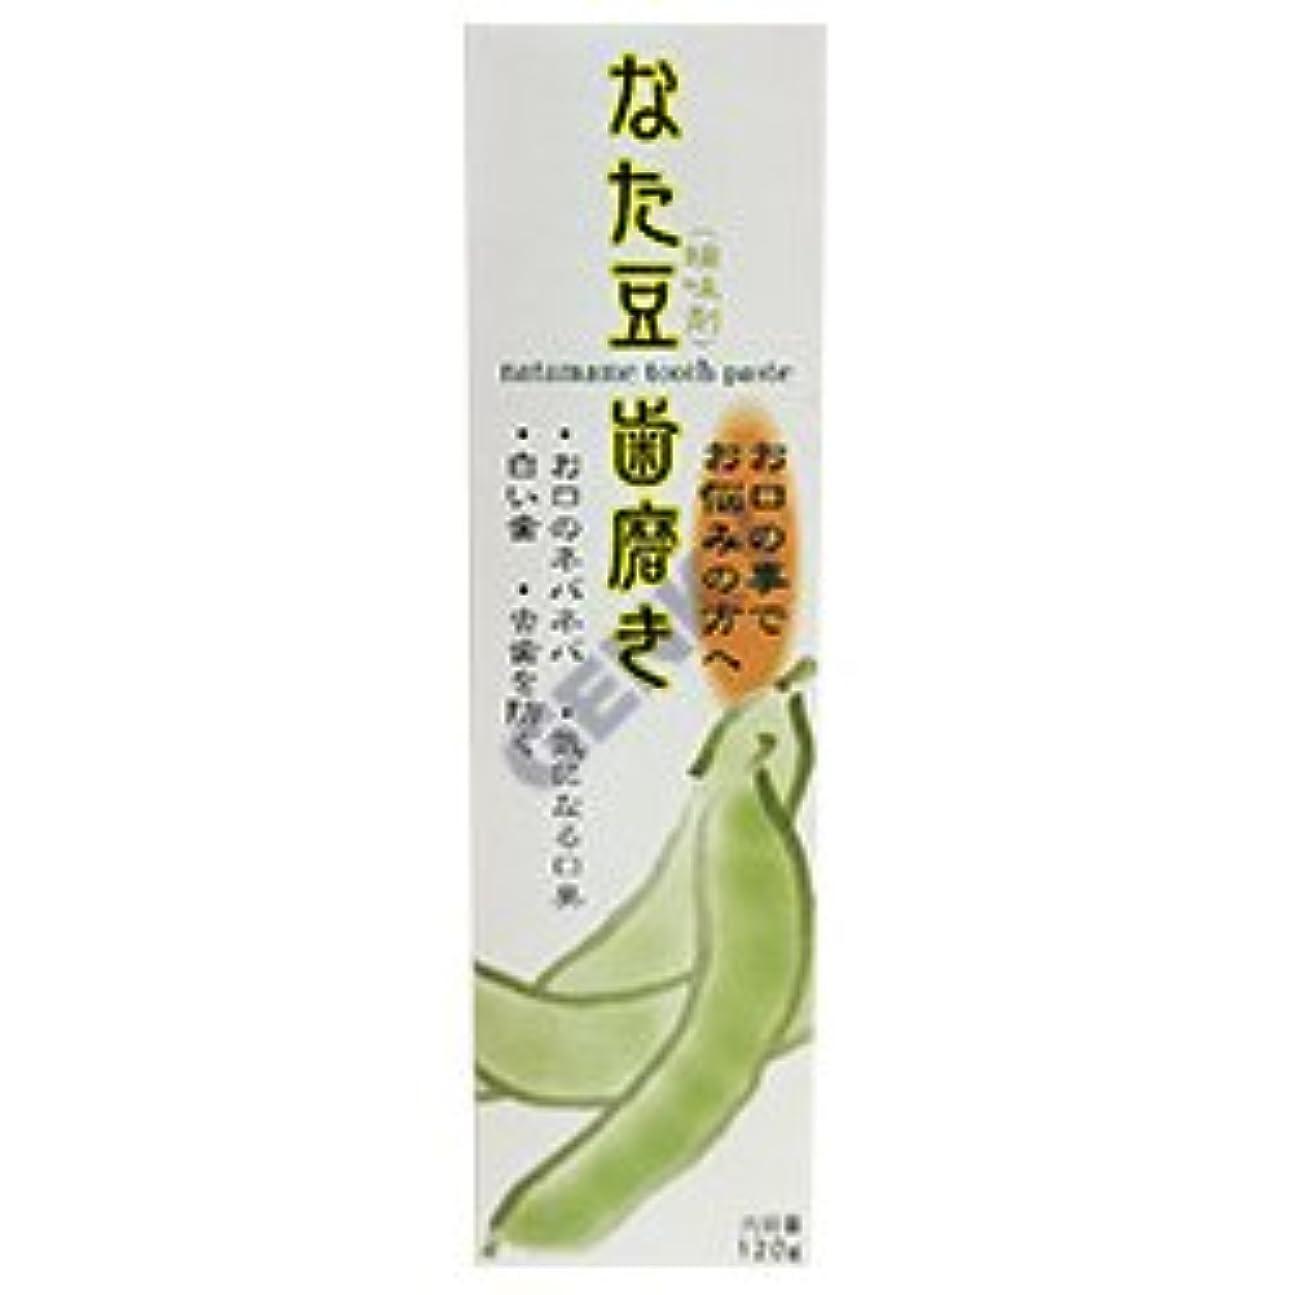 ずらすしがみつく含意【モルゲンロート】なた豆歯磨き 120g ×5個セット